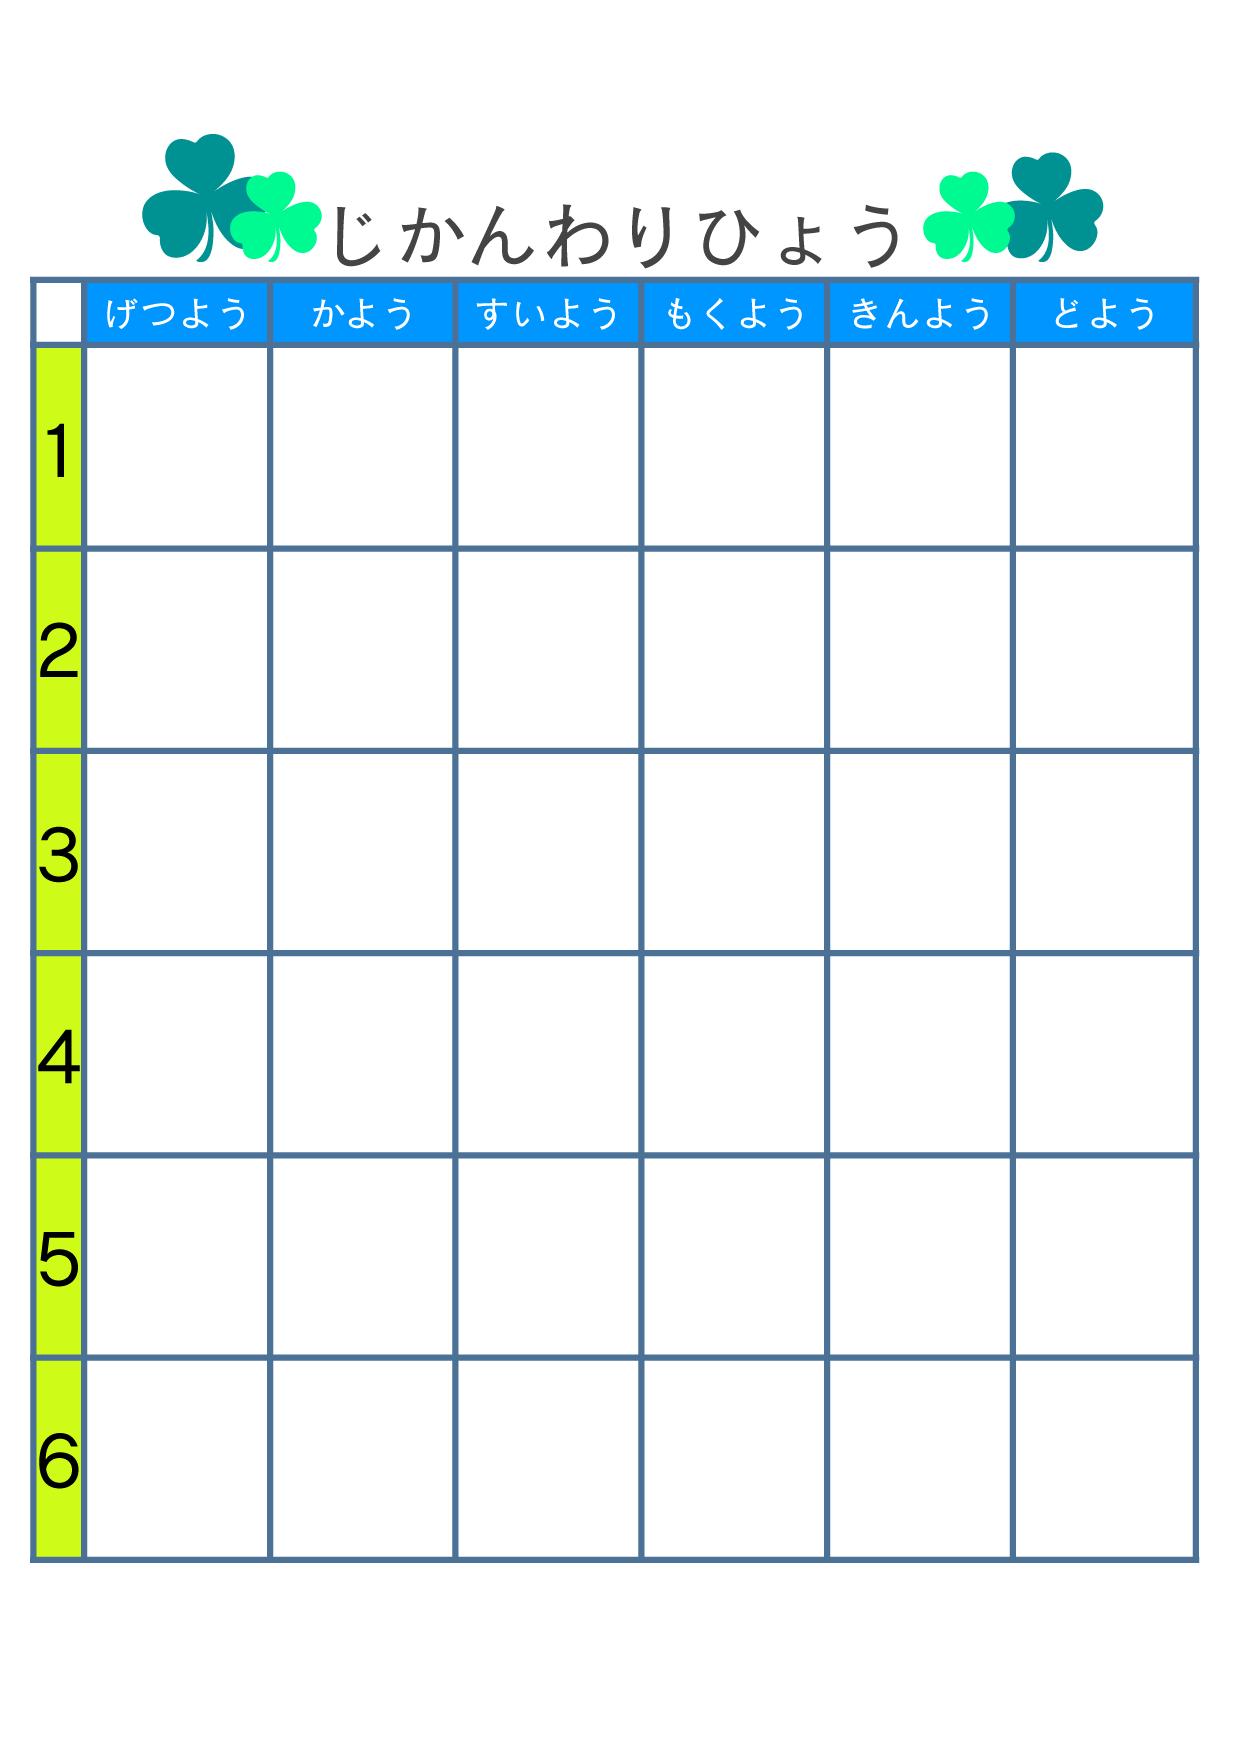 小学校低学年用のカラフルな時間割表テンプレート